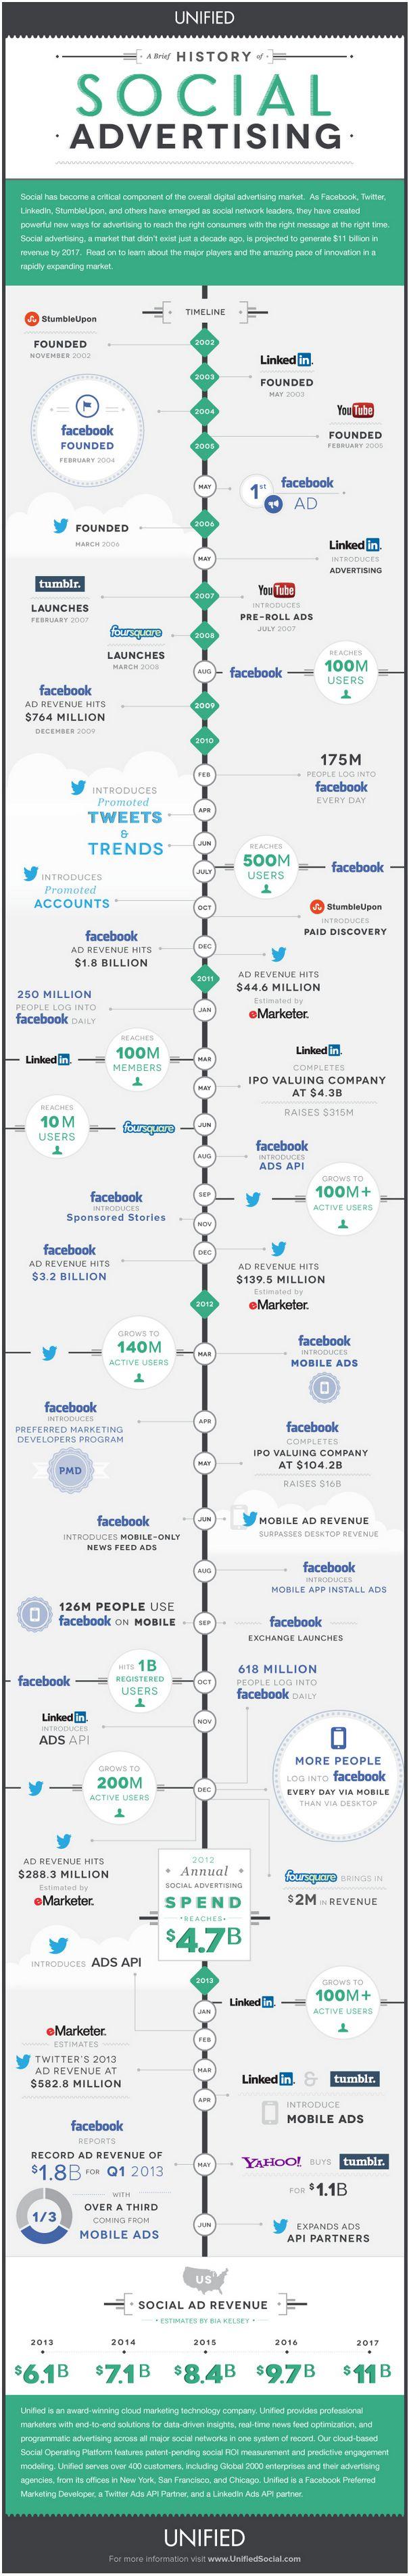 historia-de-la-publicidad-en-redes-sociales